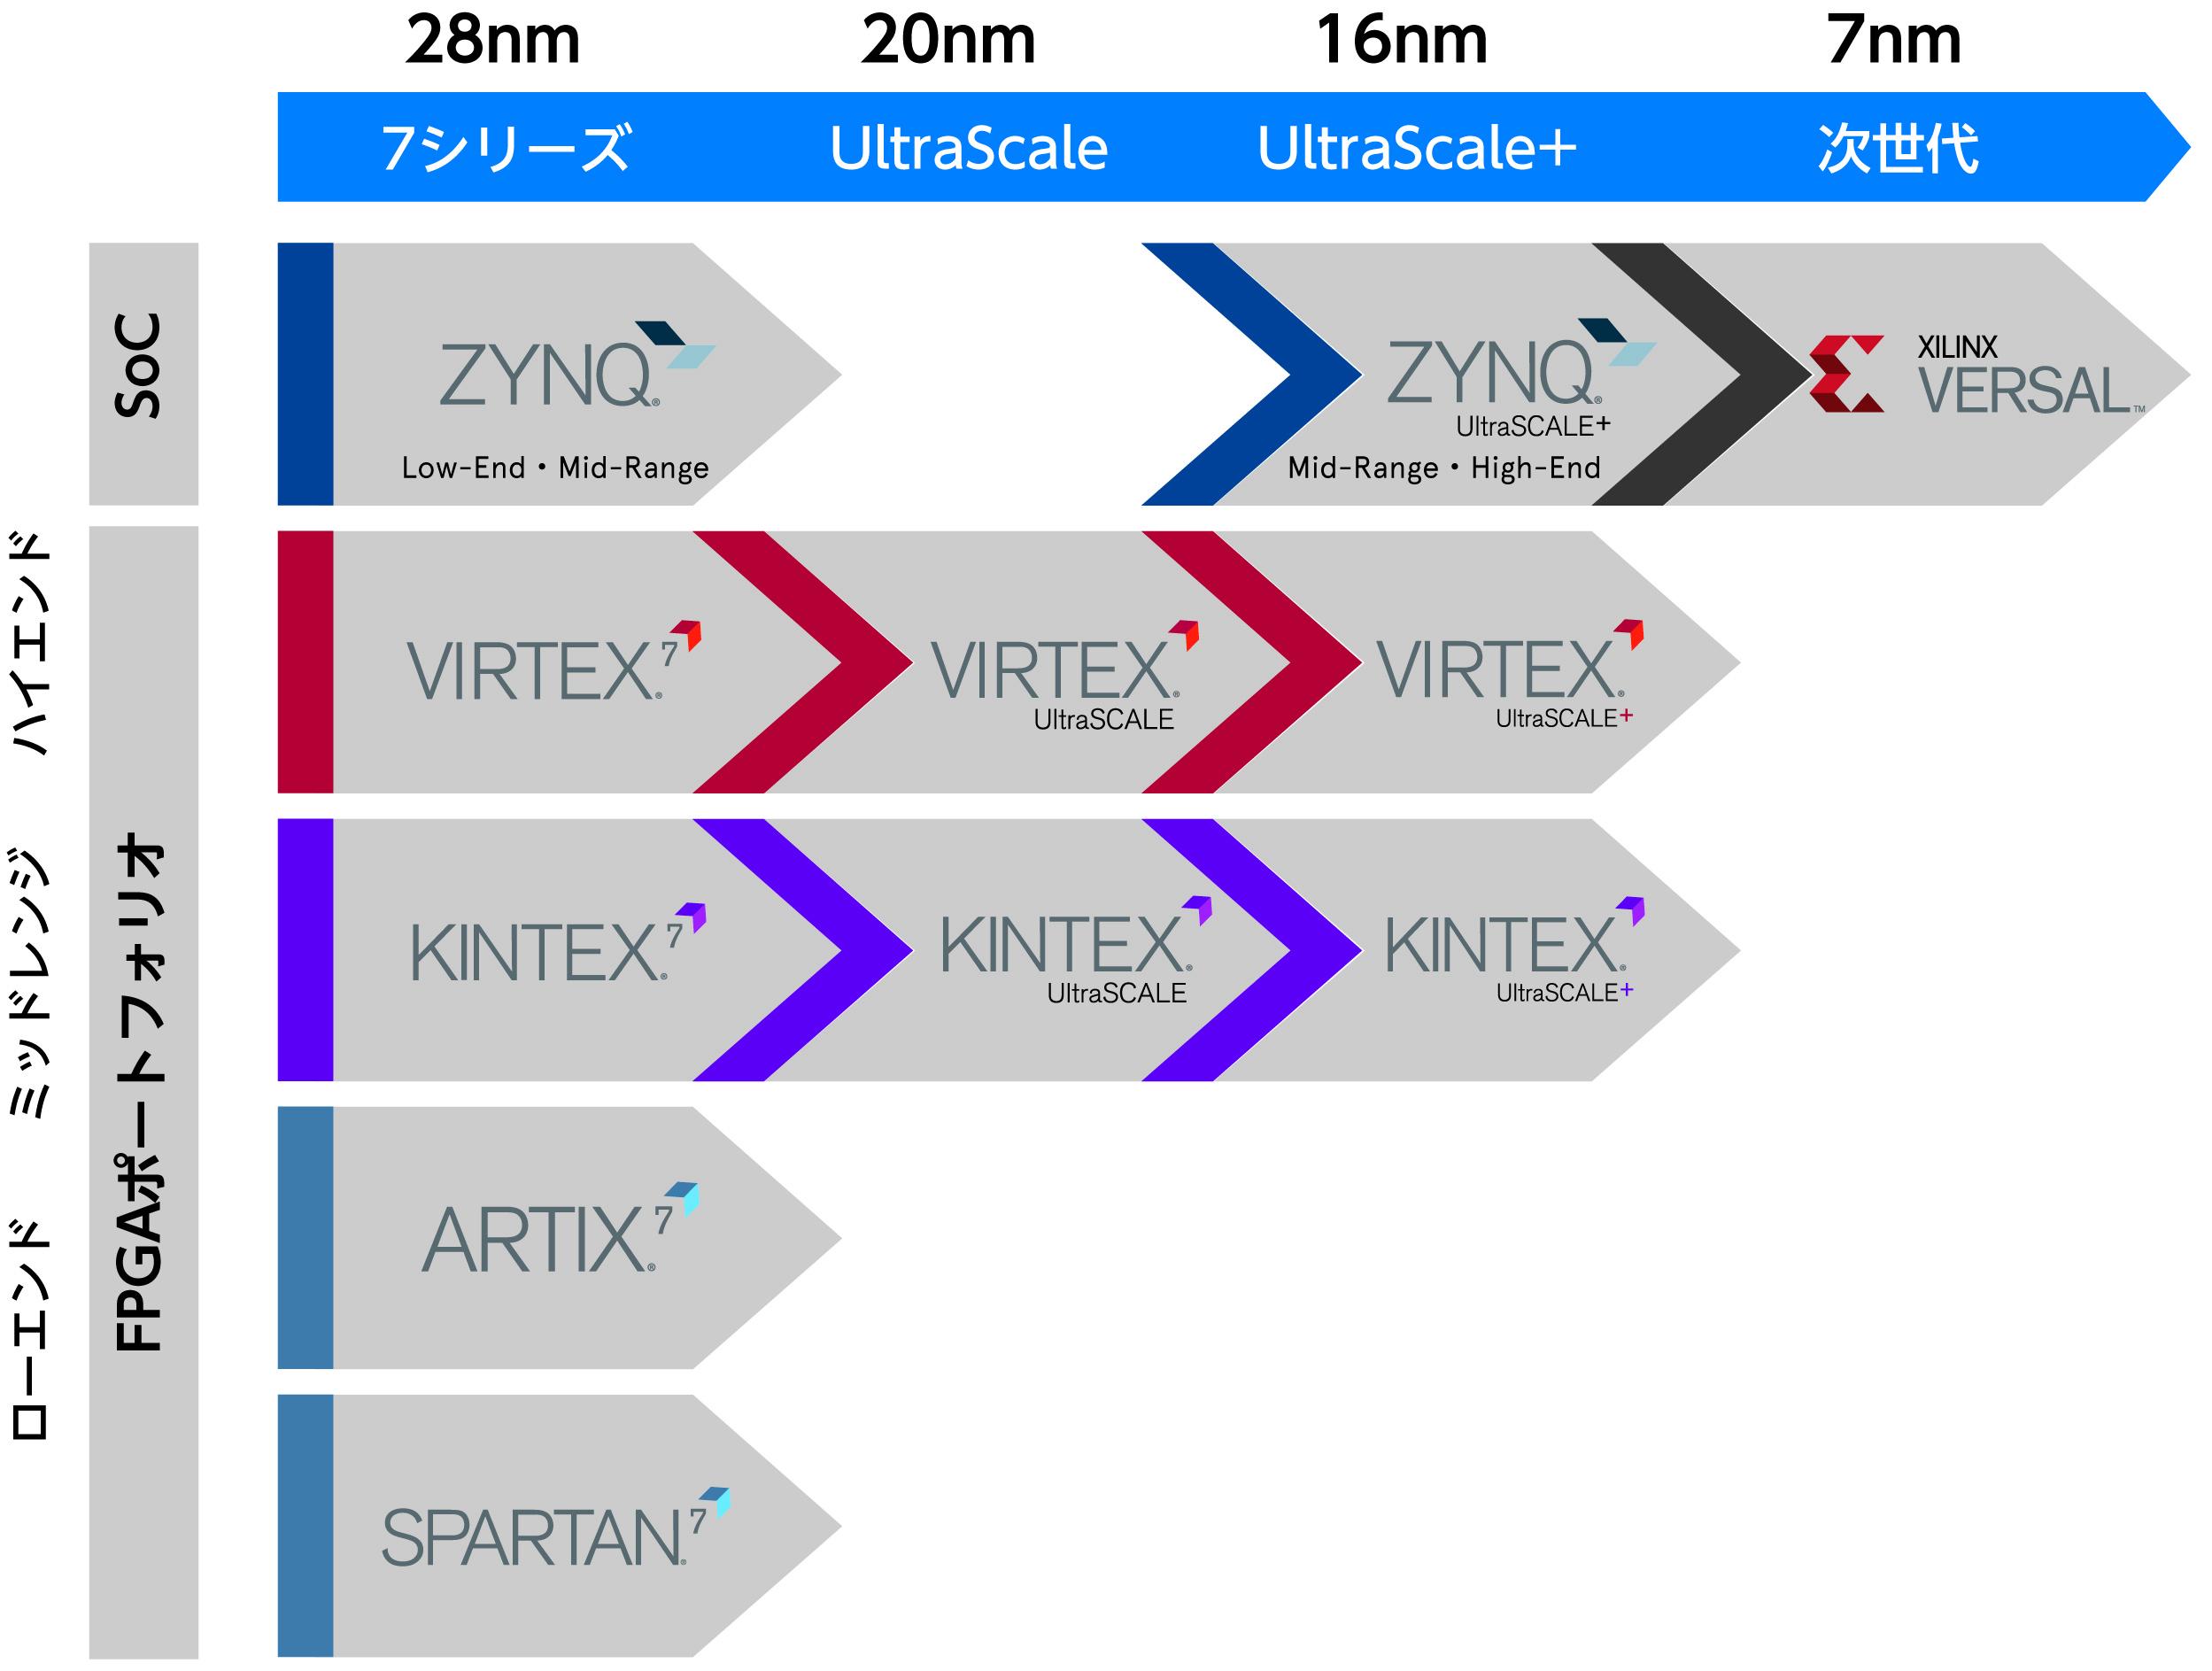 XILINX製品ラインナップ